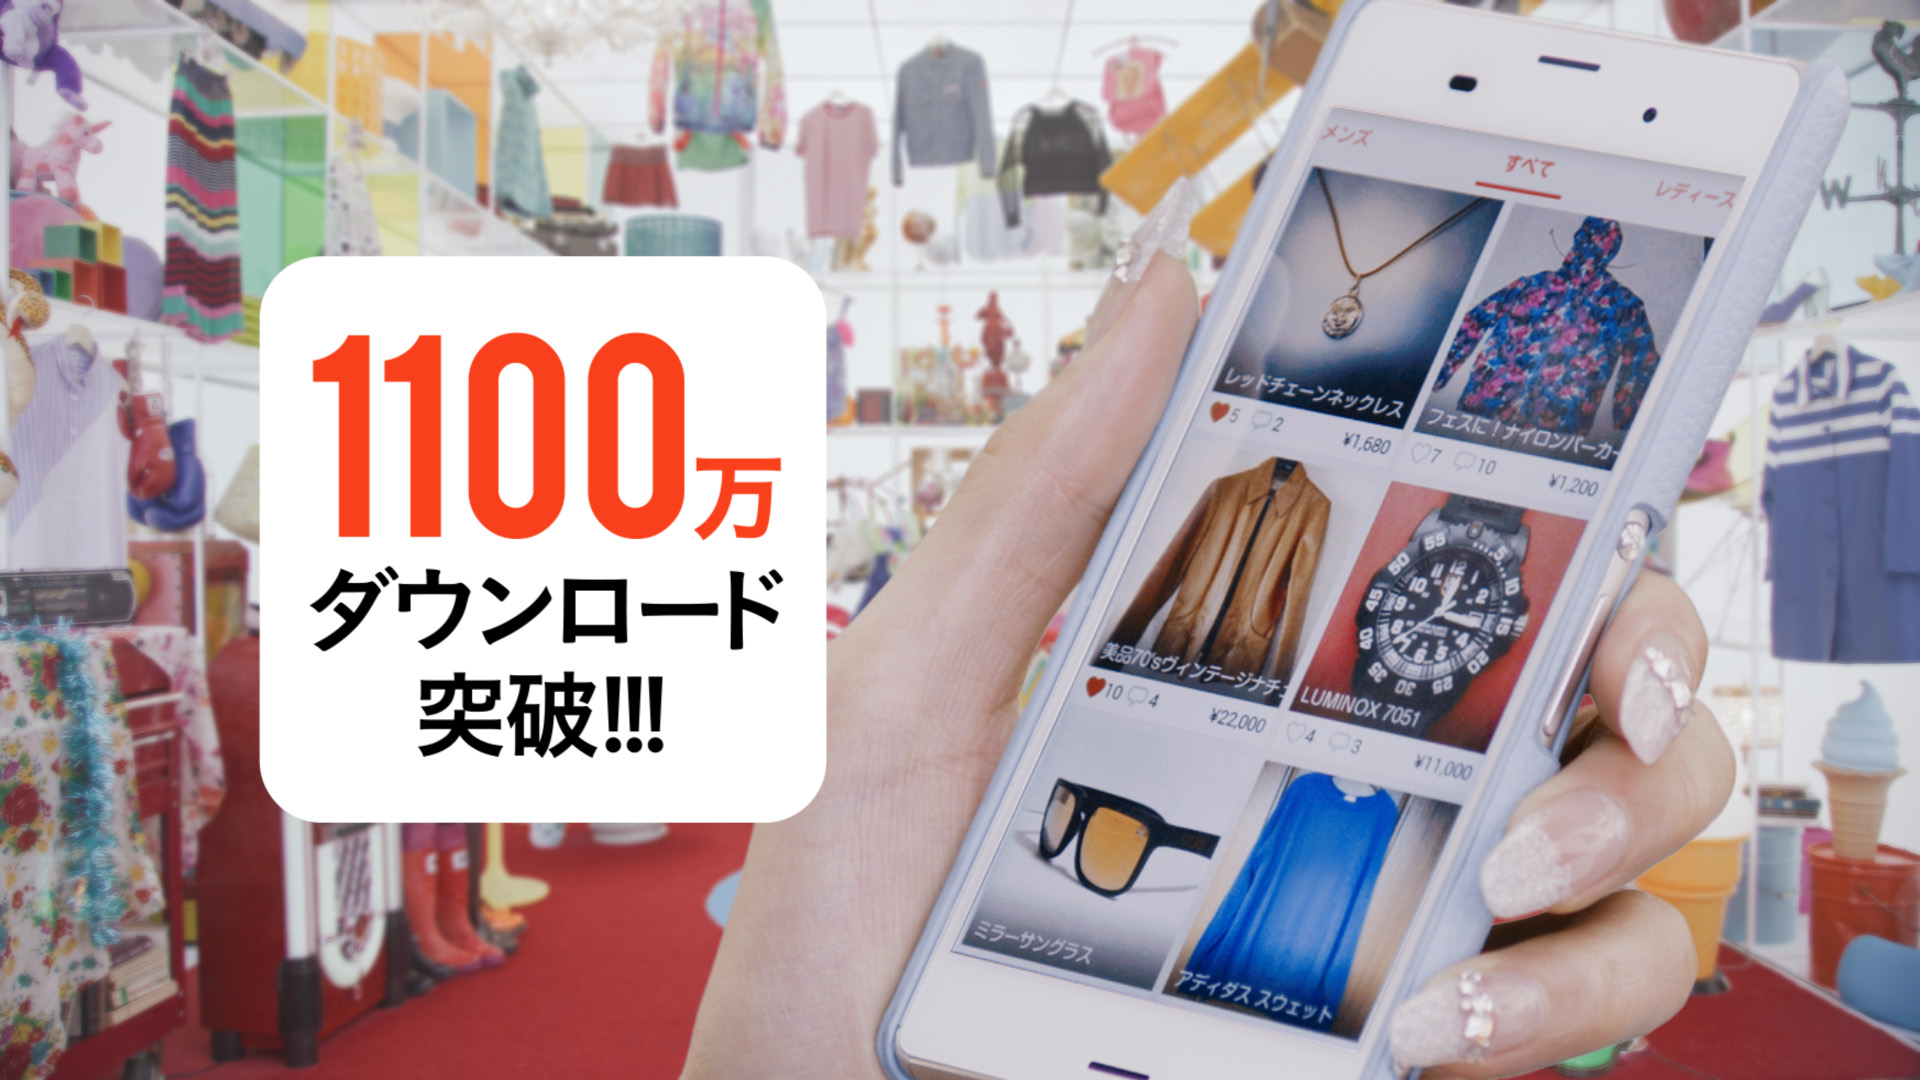 フリマアプリ「メルカリ」、新テレビCMの開始とCM記念友達招待ポイント増額キャンペーンのお知らせ http://www.mercariapp.com/jp/